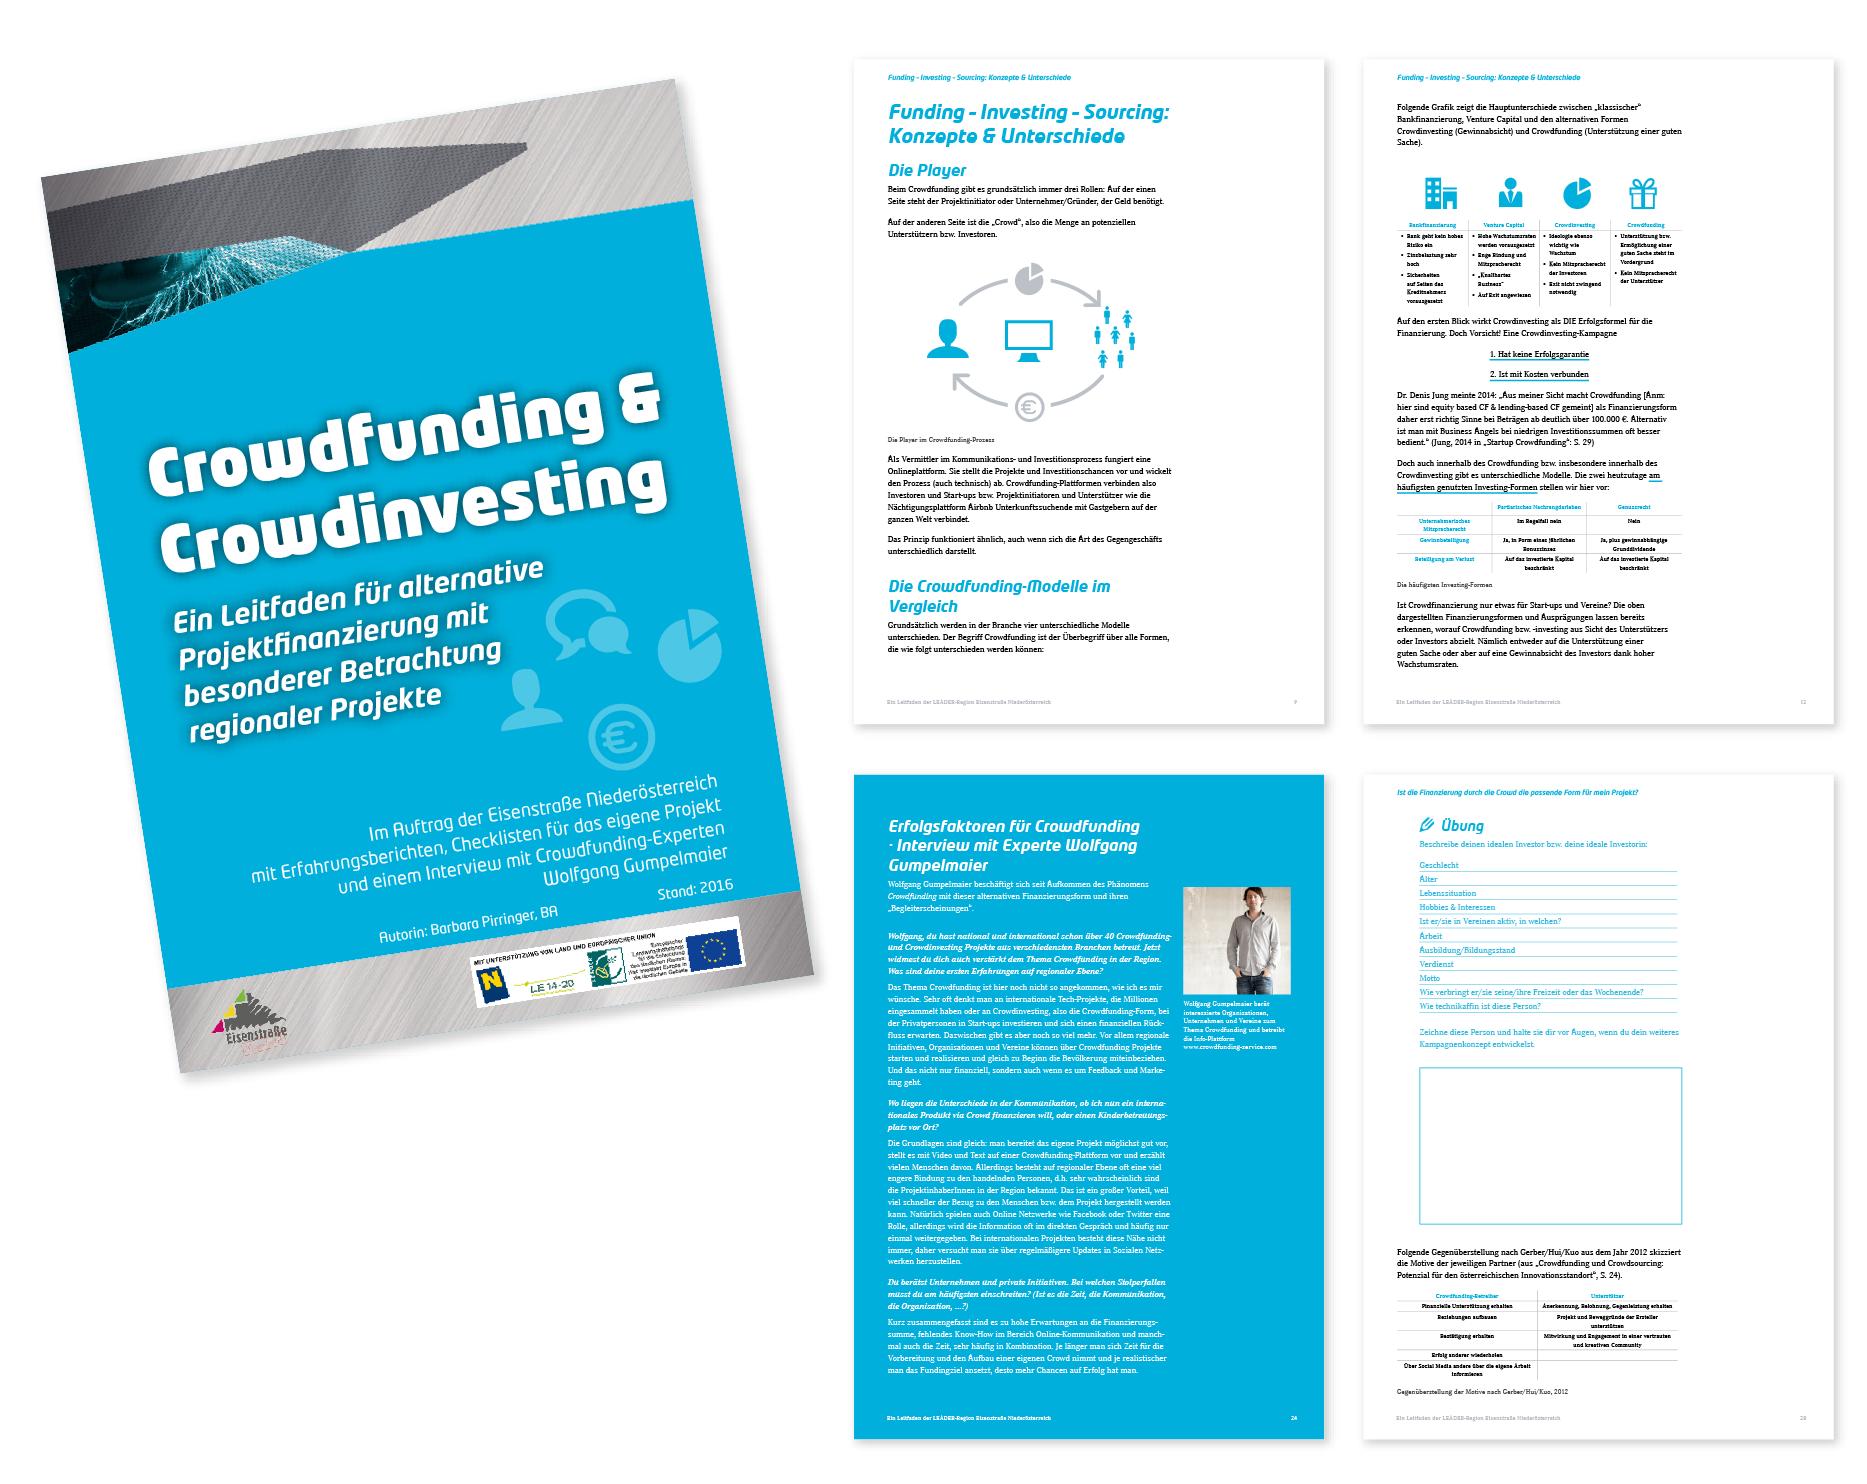 Leitfaden Crowdfunding & Crowdinvesting der Eisenstrasse Niederösterreich von Barbara Pirringer, P&R